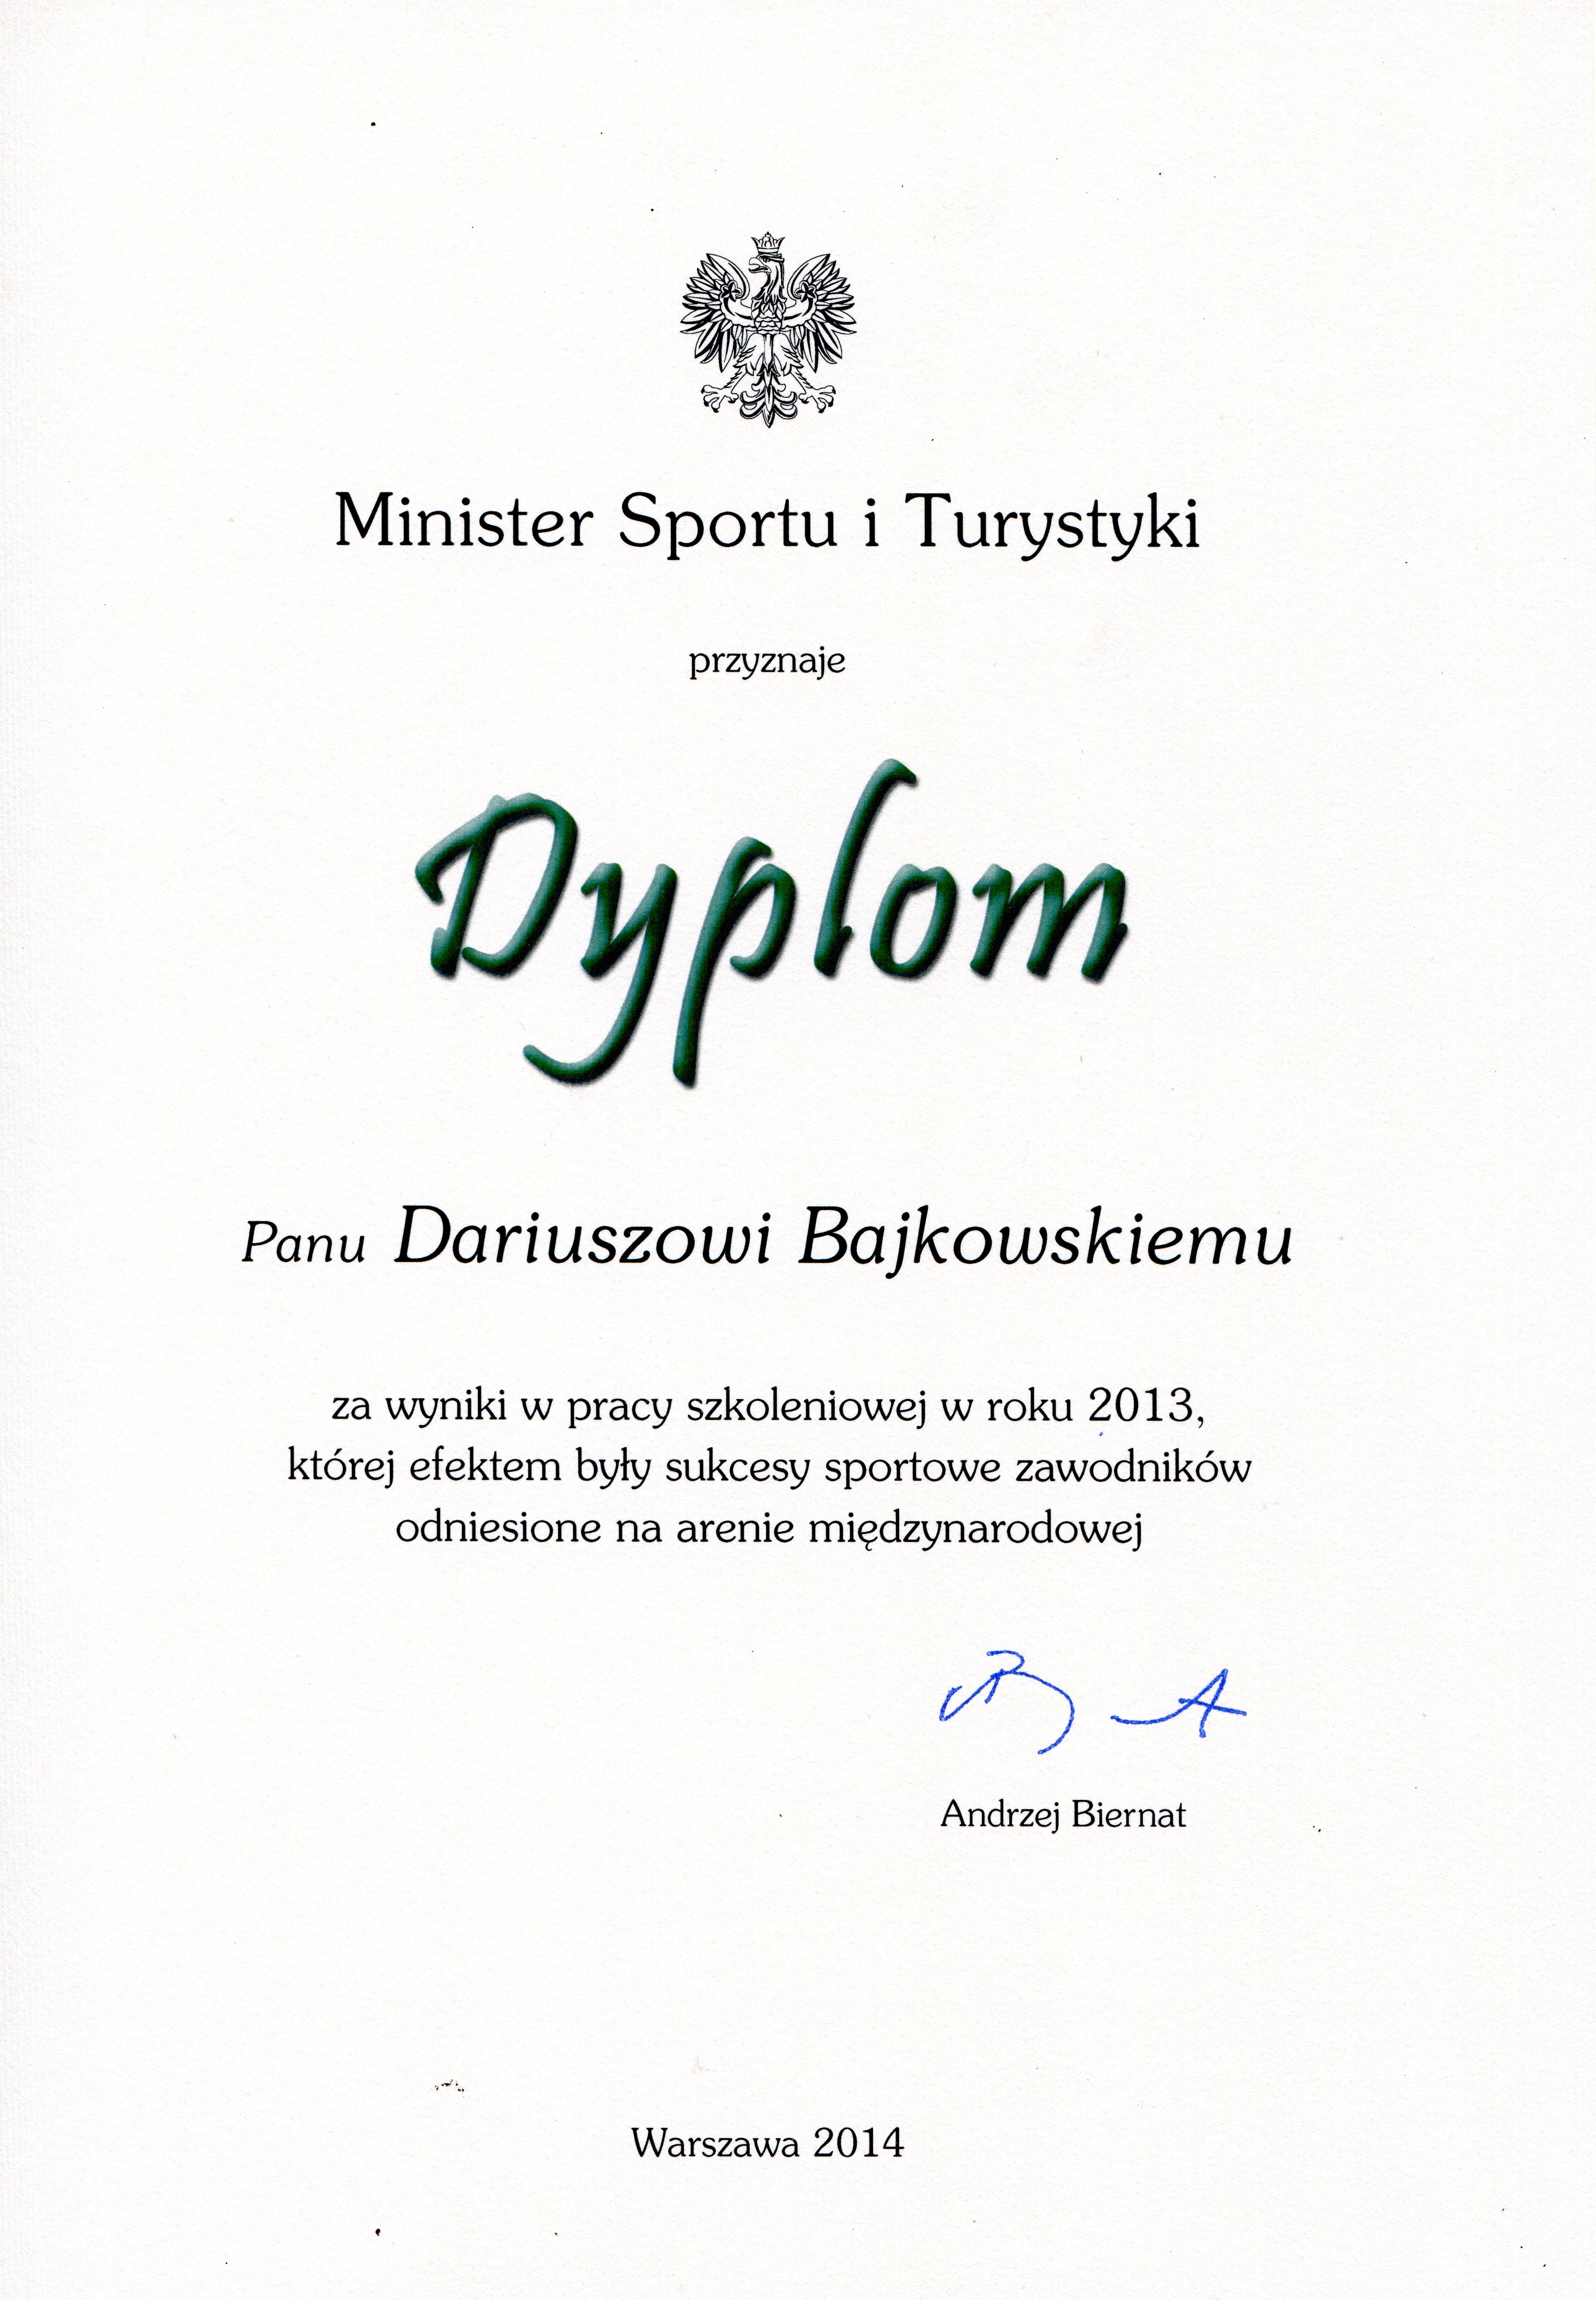 MSiT dyplom za wyniki trenerskie 2014